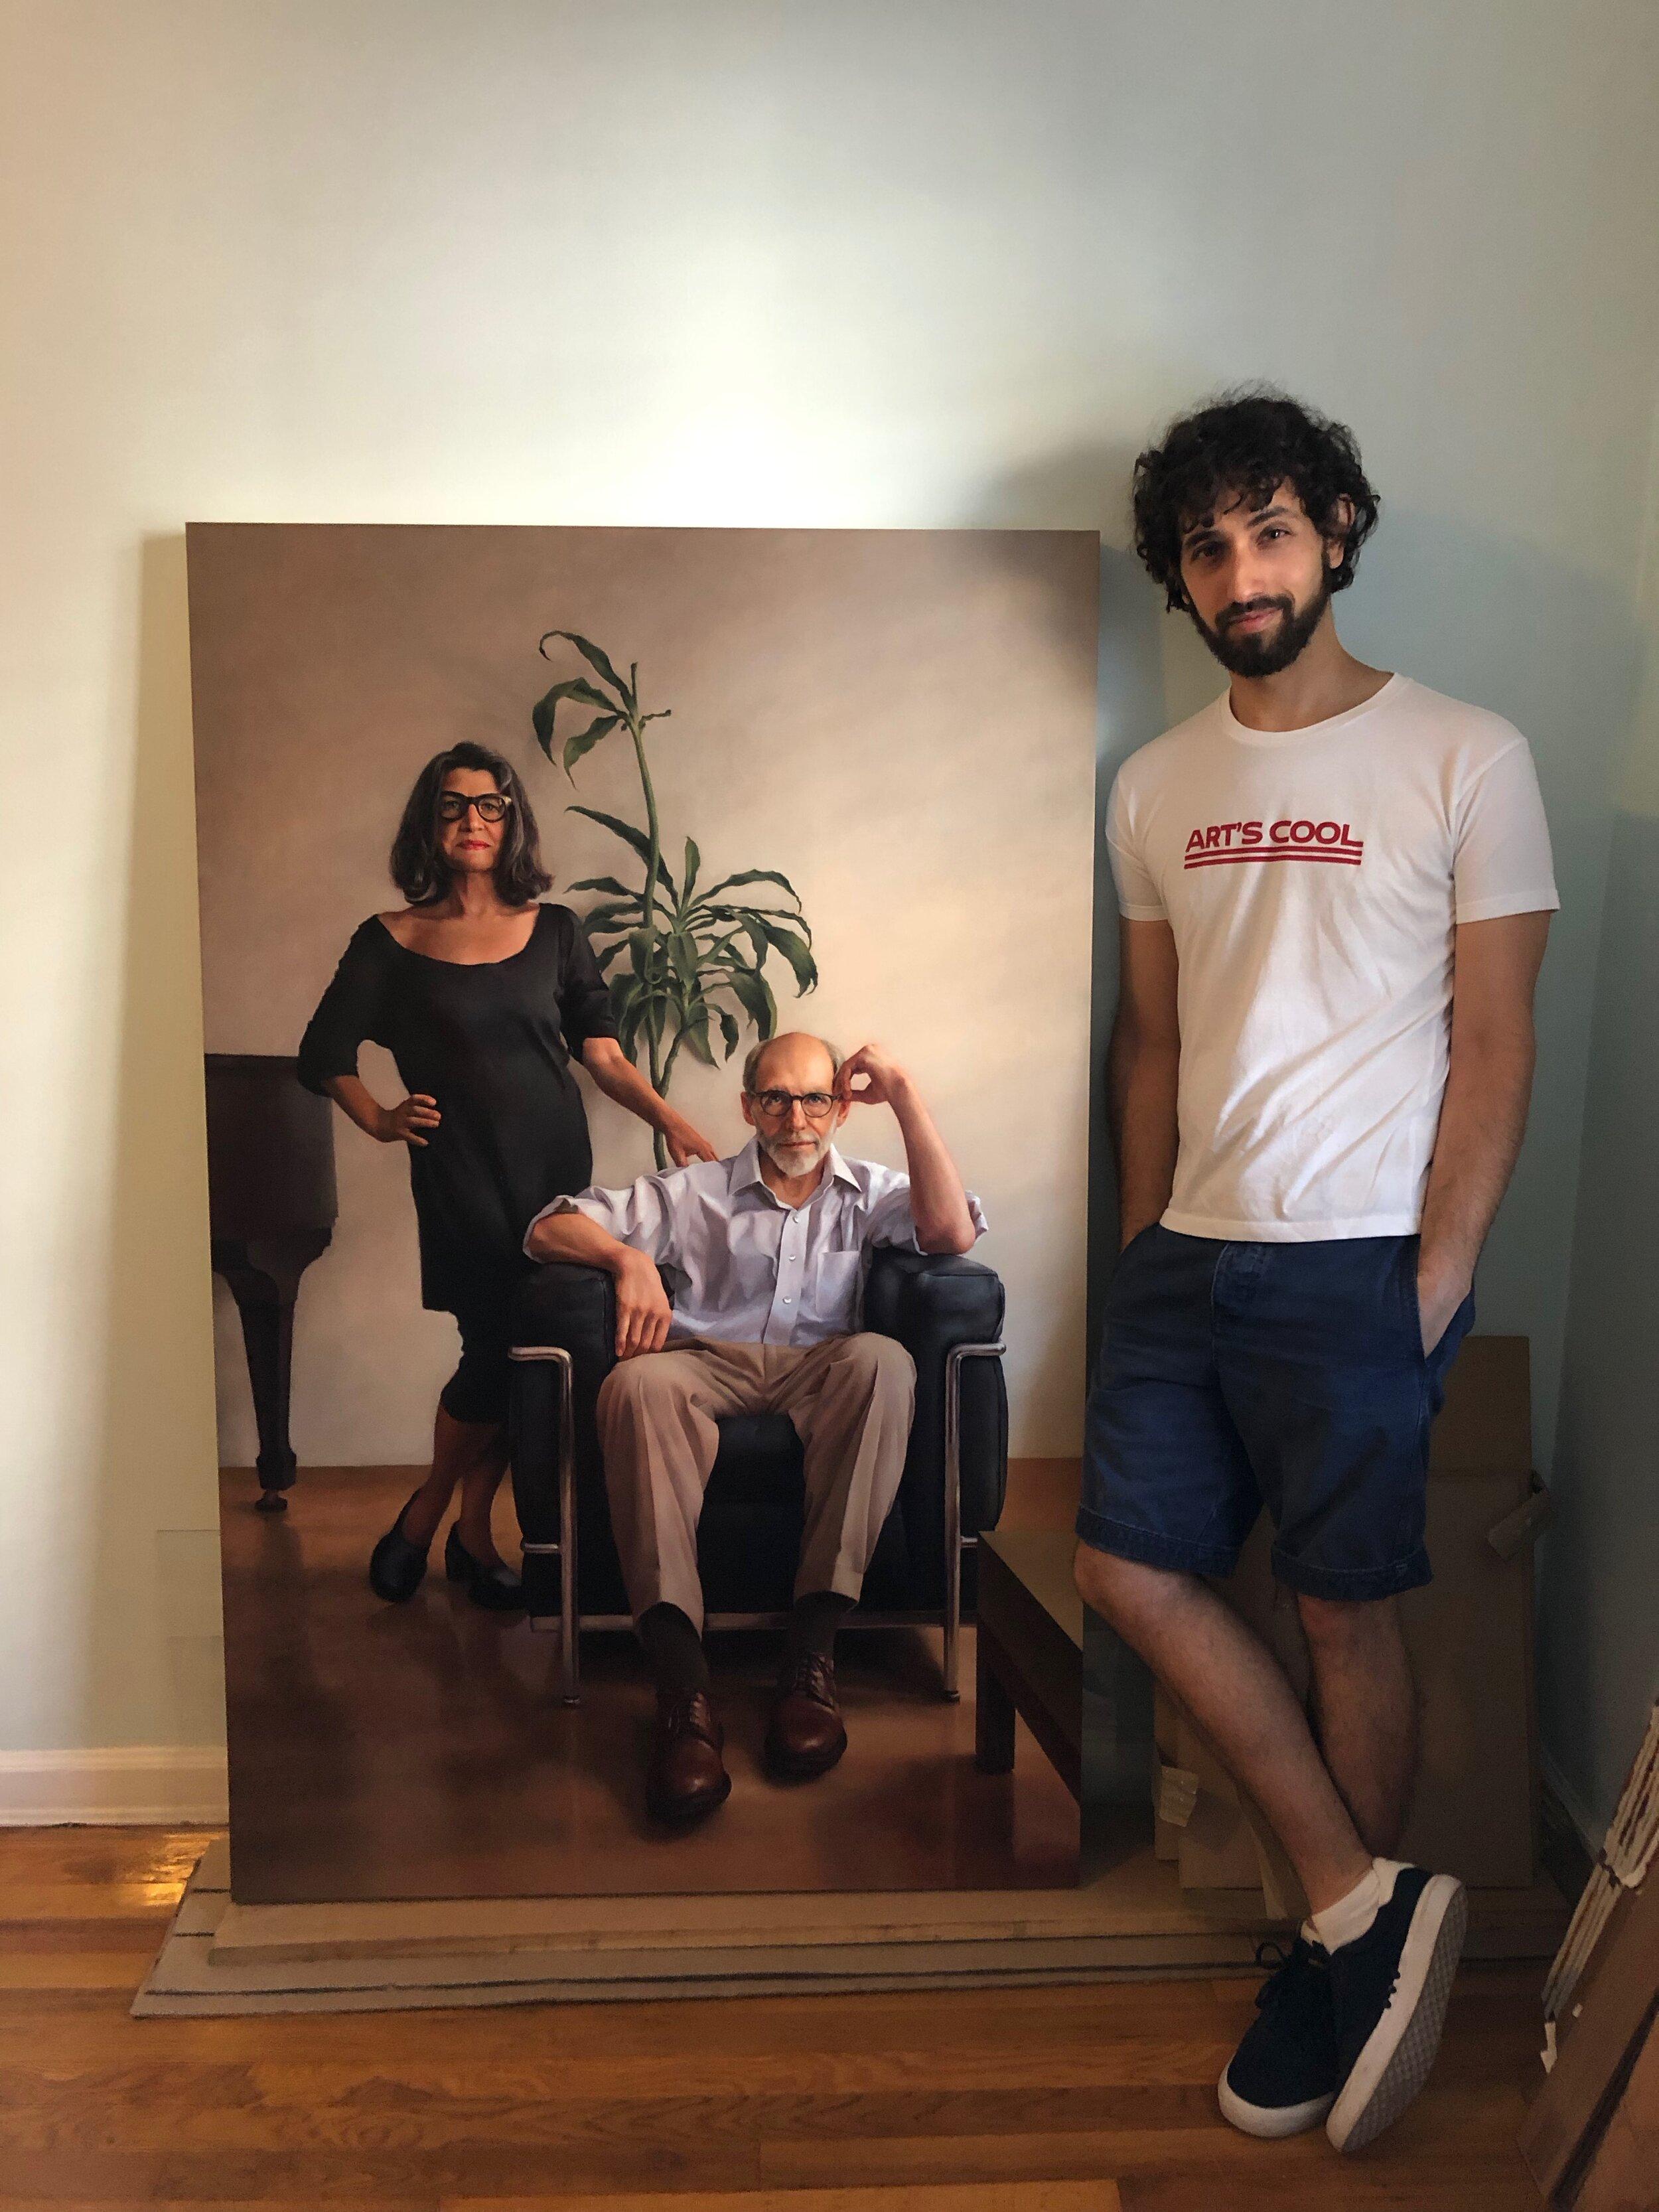 Ken Goshen (חן גושן) in studio with a painting in progress